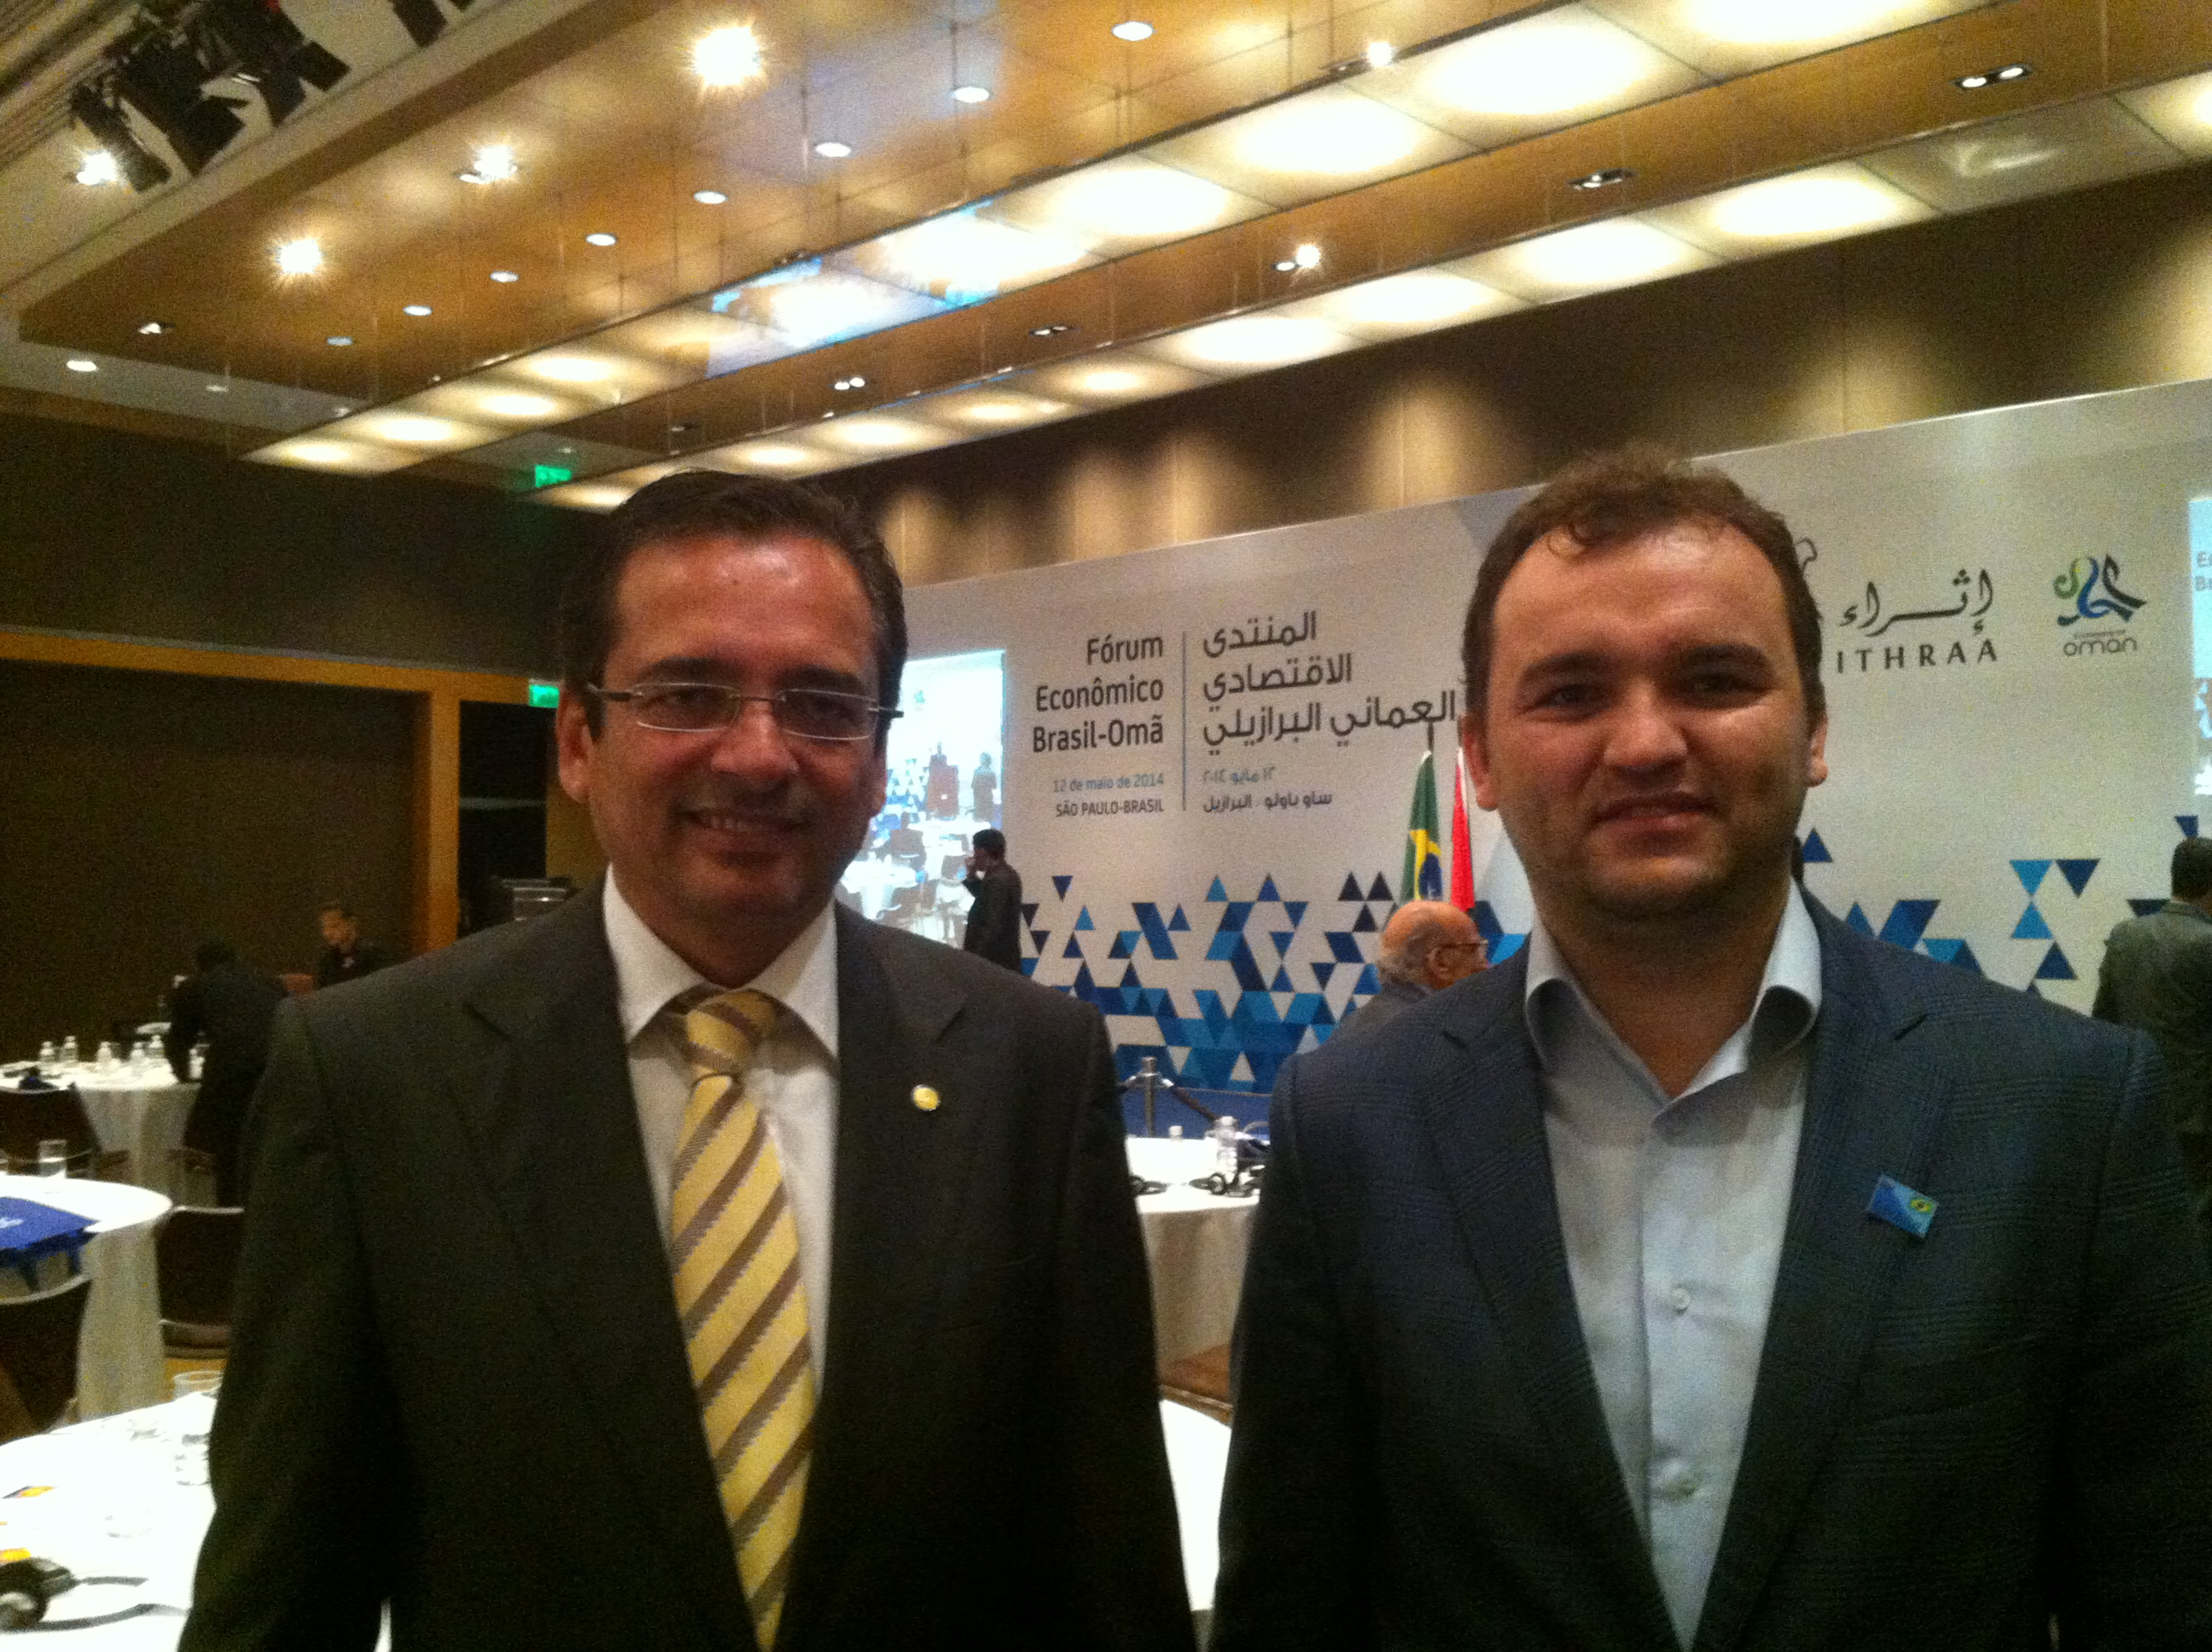 DETENÇÃO DE JORNALISTAS E CENÓGRAFOS NA TURQUIA O dia 14 de dezembro de 2014, domingo, sem dúvida, foi um dos mais tristes da história para a democracia e para a liberdade de imprensa na Turquia. Vários jornalistas, cenógrafos de seriados de TV, inclusive o editor do maior jornal da Turquia (Zaman e Today's Zaman), Ekrem Dumanli, e o presidente de um dos maiores grupos de emissoras de TV (Samanyolu), Hidayet Karaca, foram detidos com acusações infundadas.